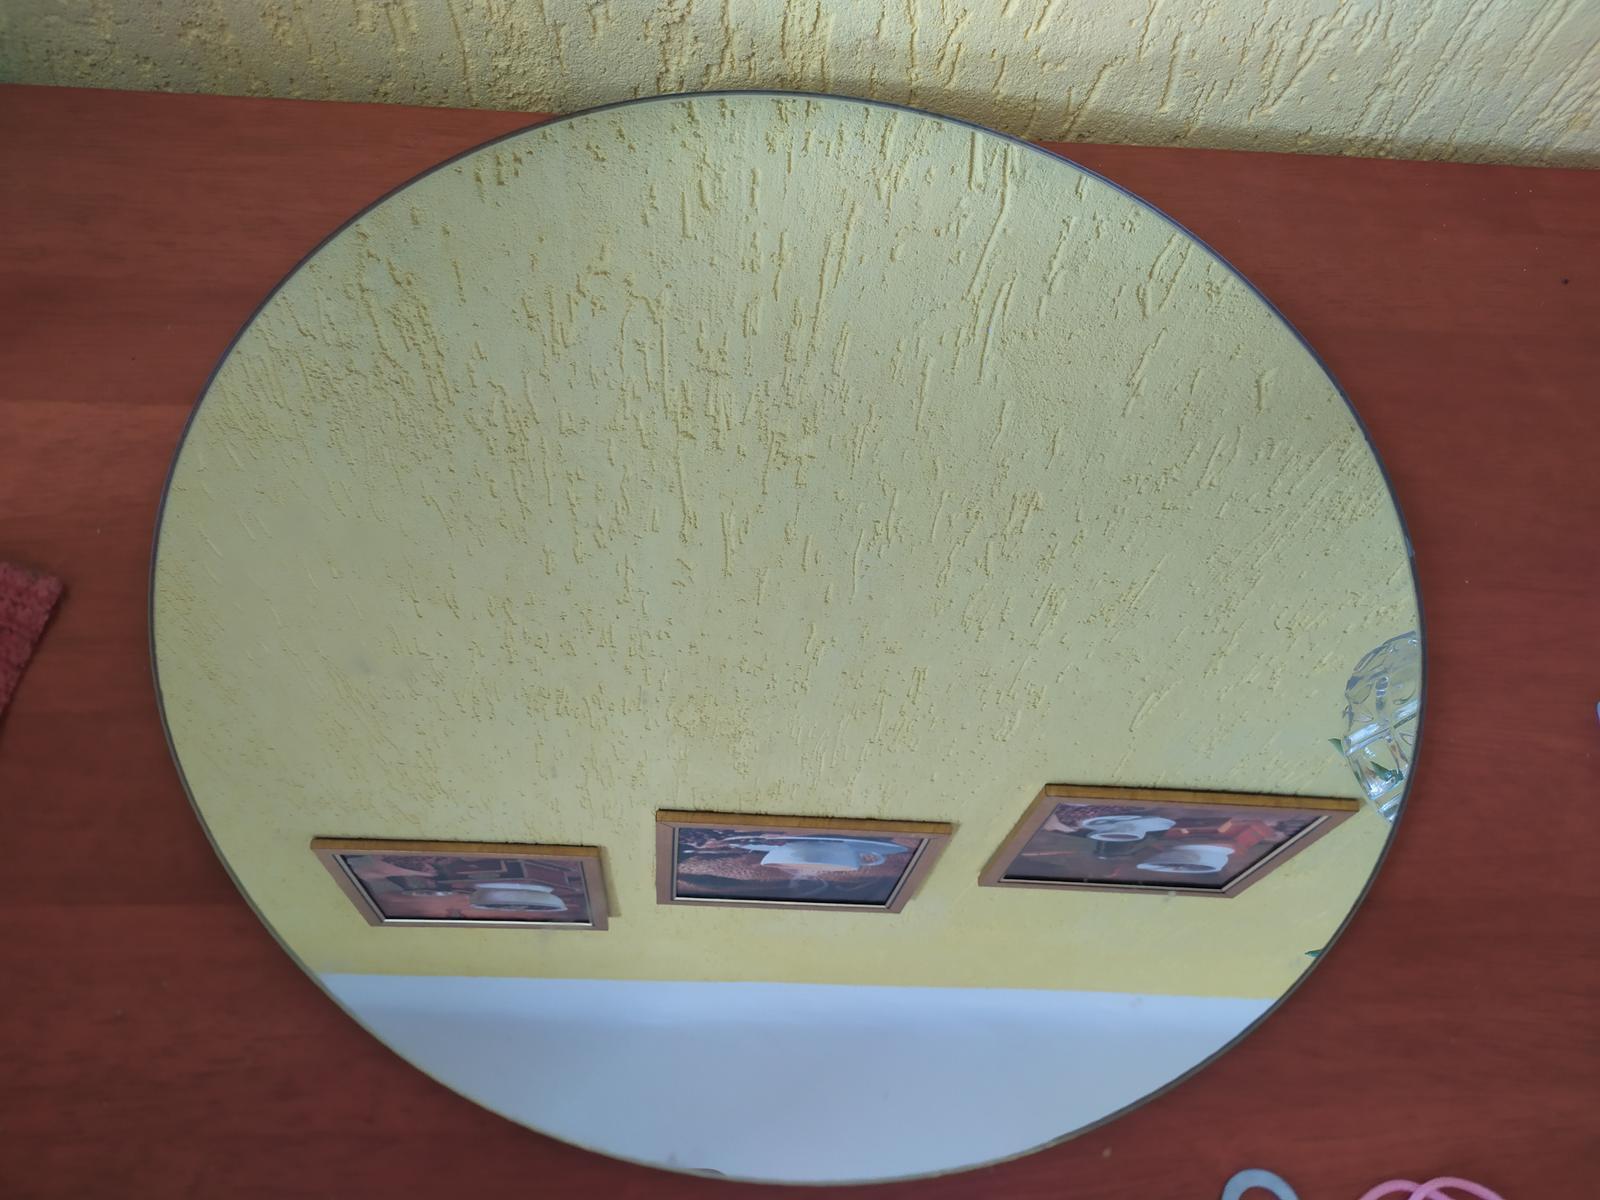 Kulatý zrcadlový tác/ podnos - Obrázek č. 1